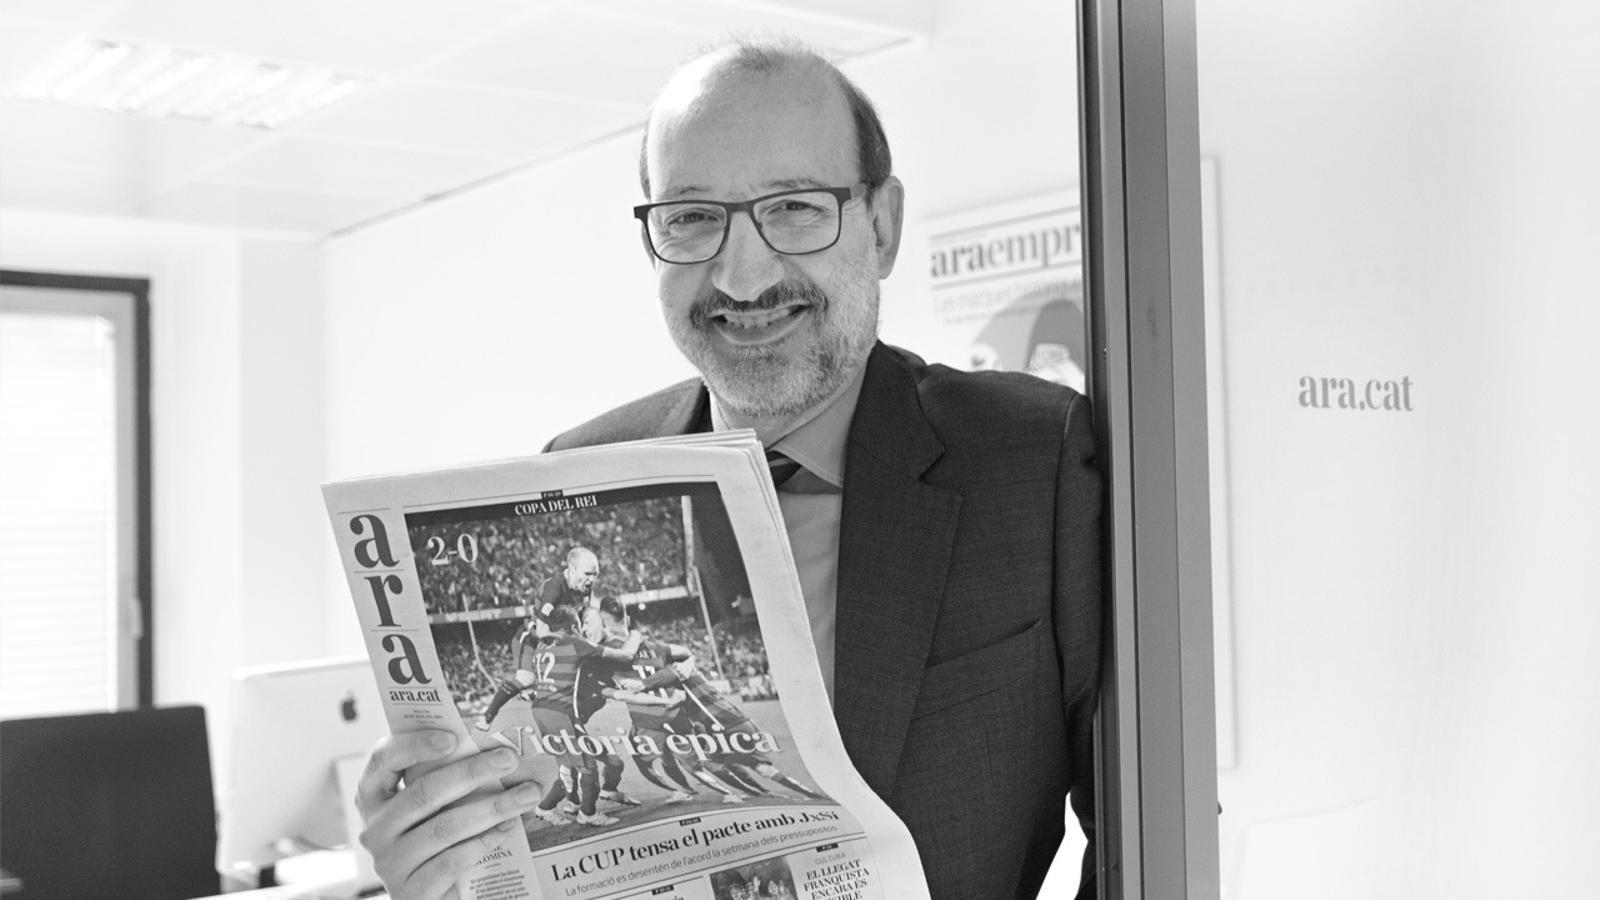 L'anàlisi d'Antoni Bassas: 'La final censurada'